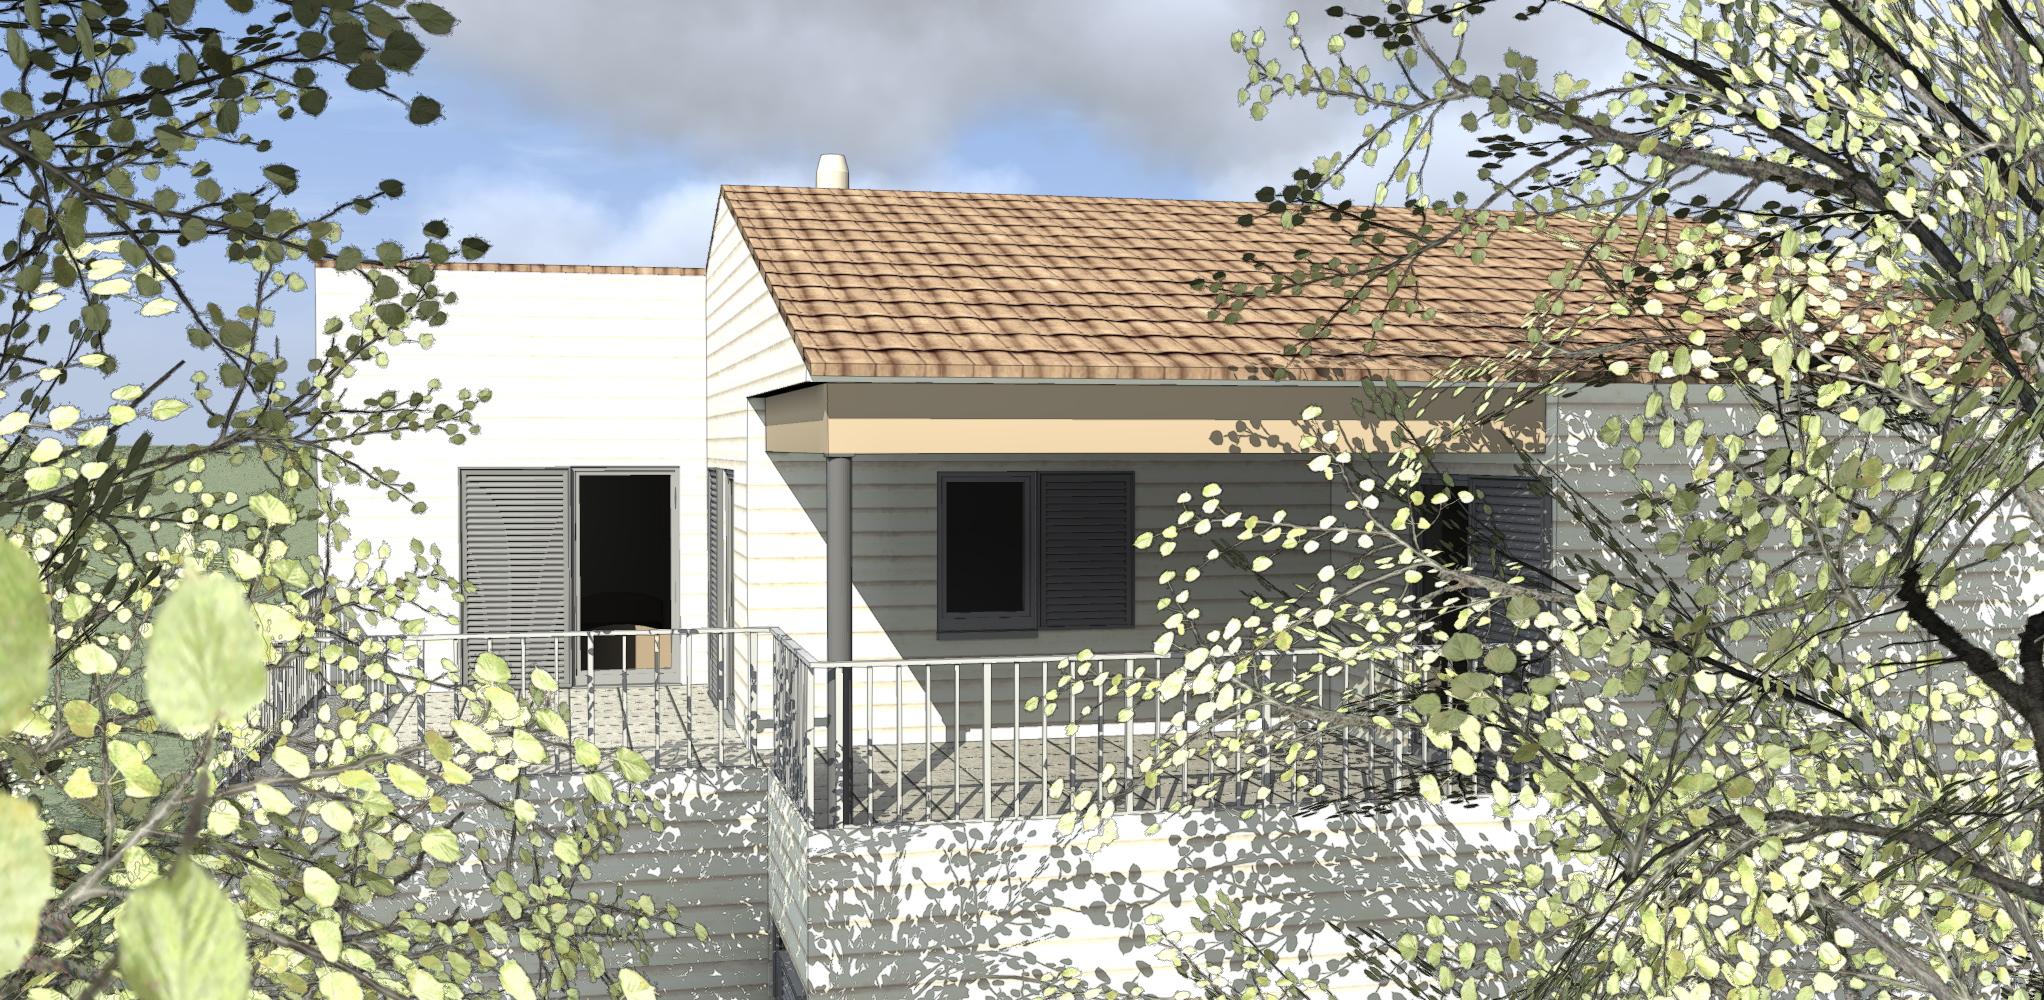 Constructeur De Maison Marseille constructeur maison bois à marseille - maison bois côté sud